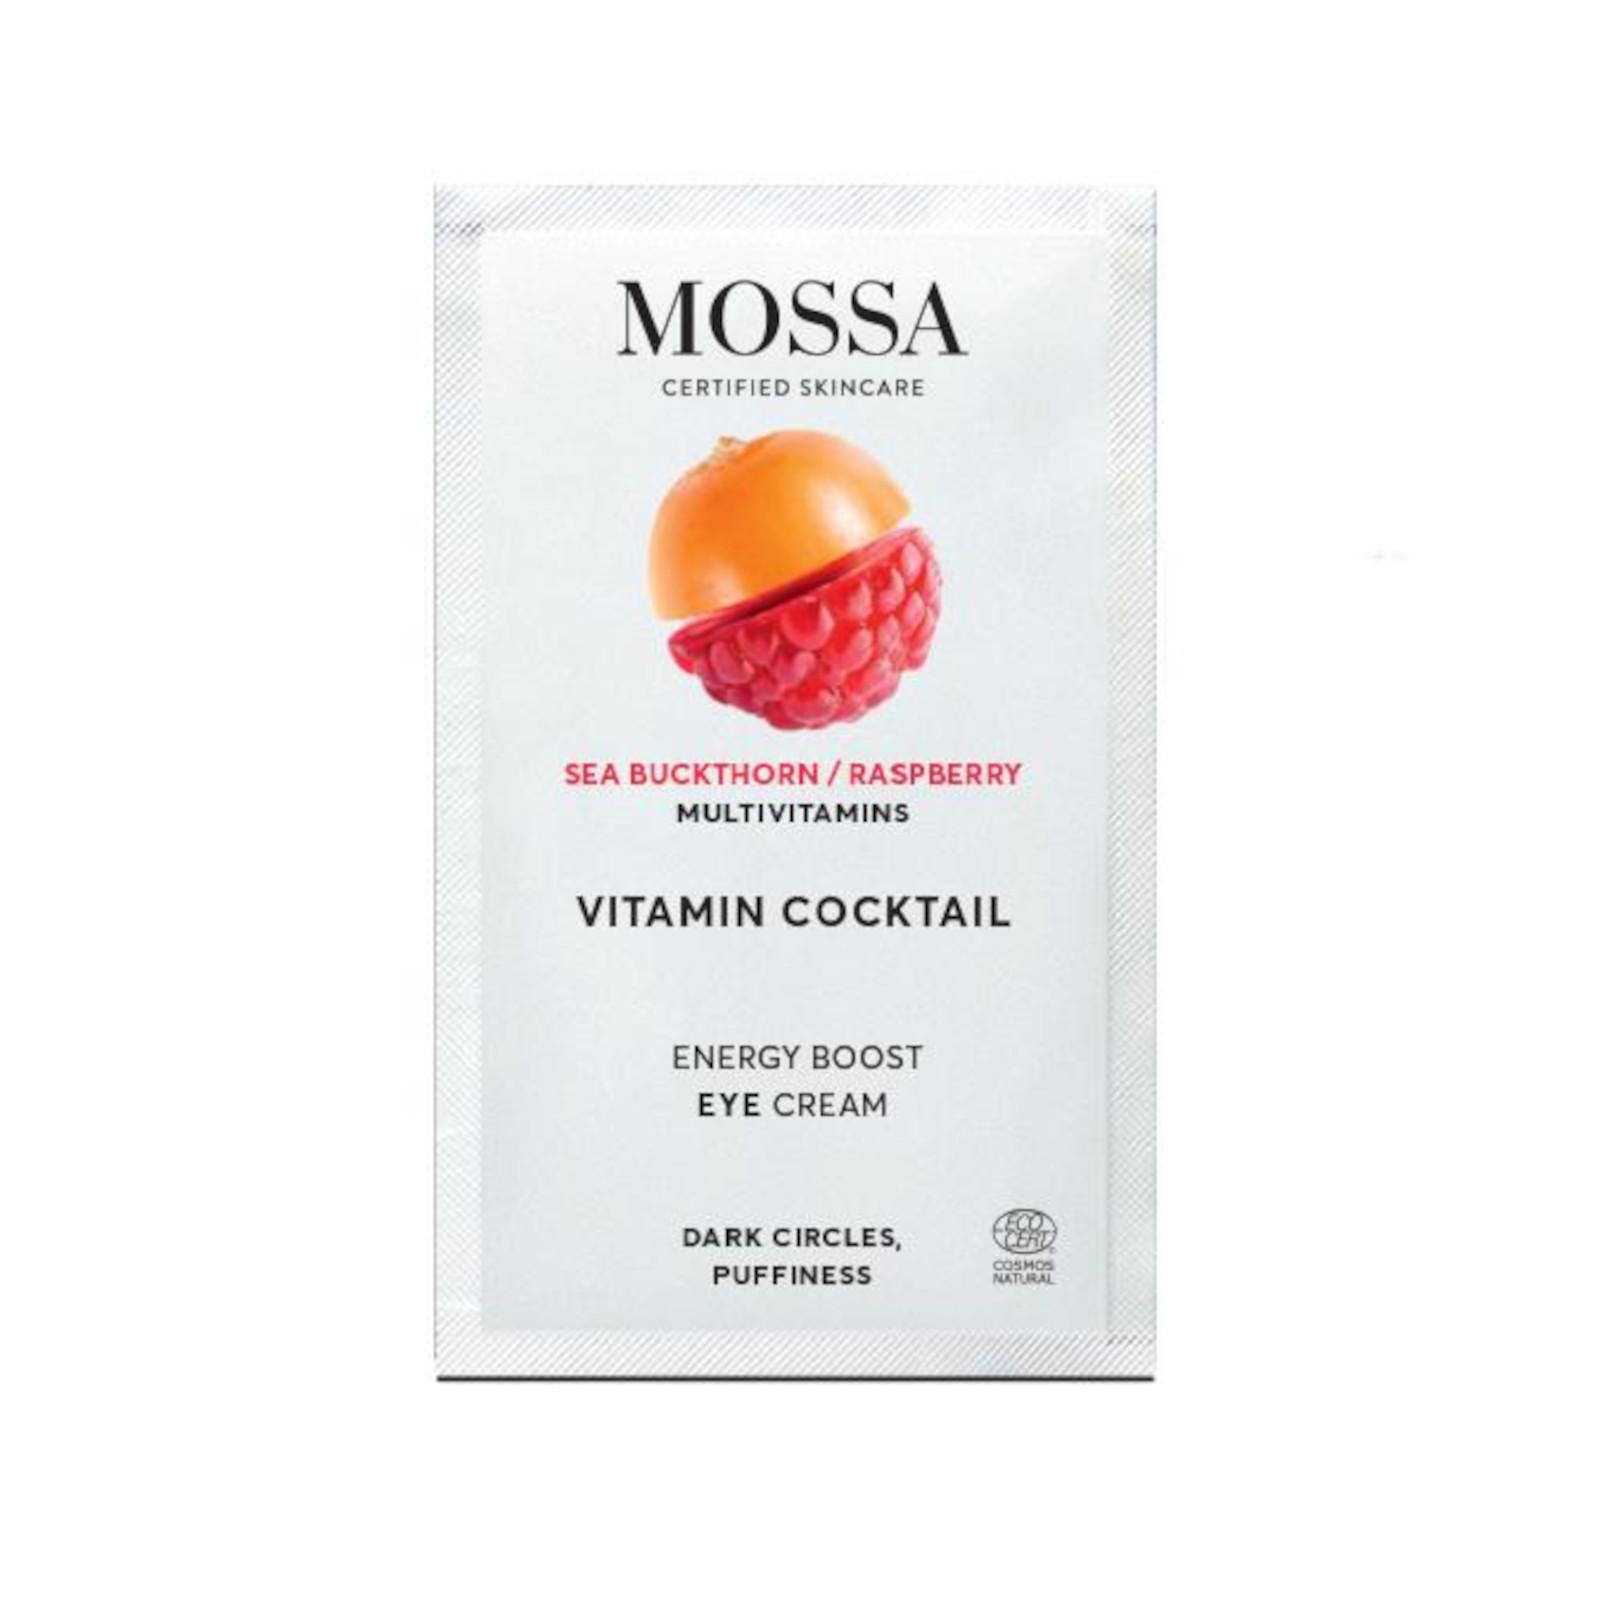 MOSSA Energizující intenzivní oční krém, Vitamínový koktejl 2 ml